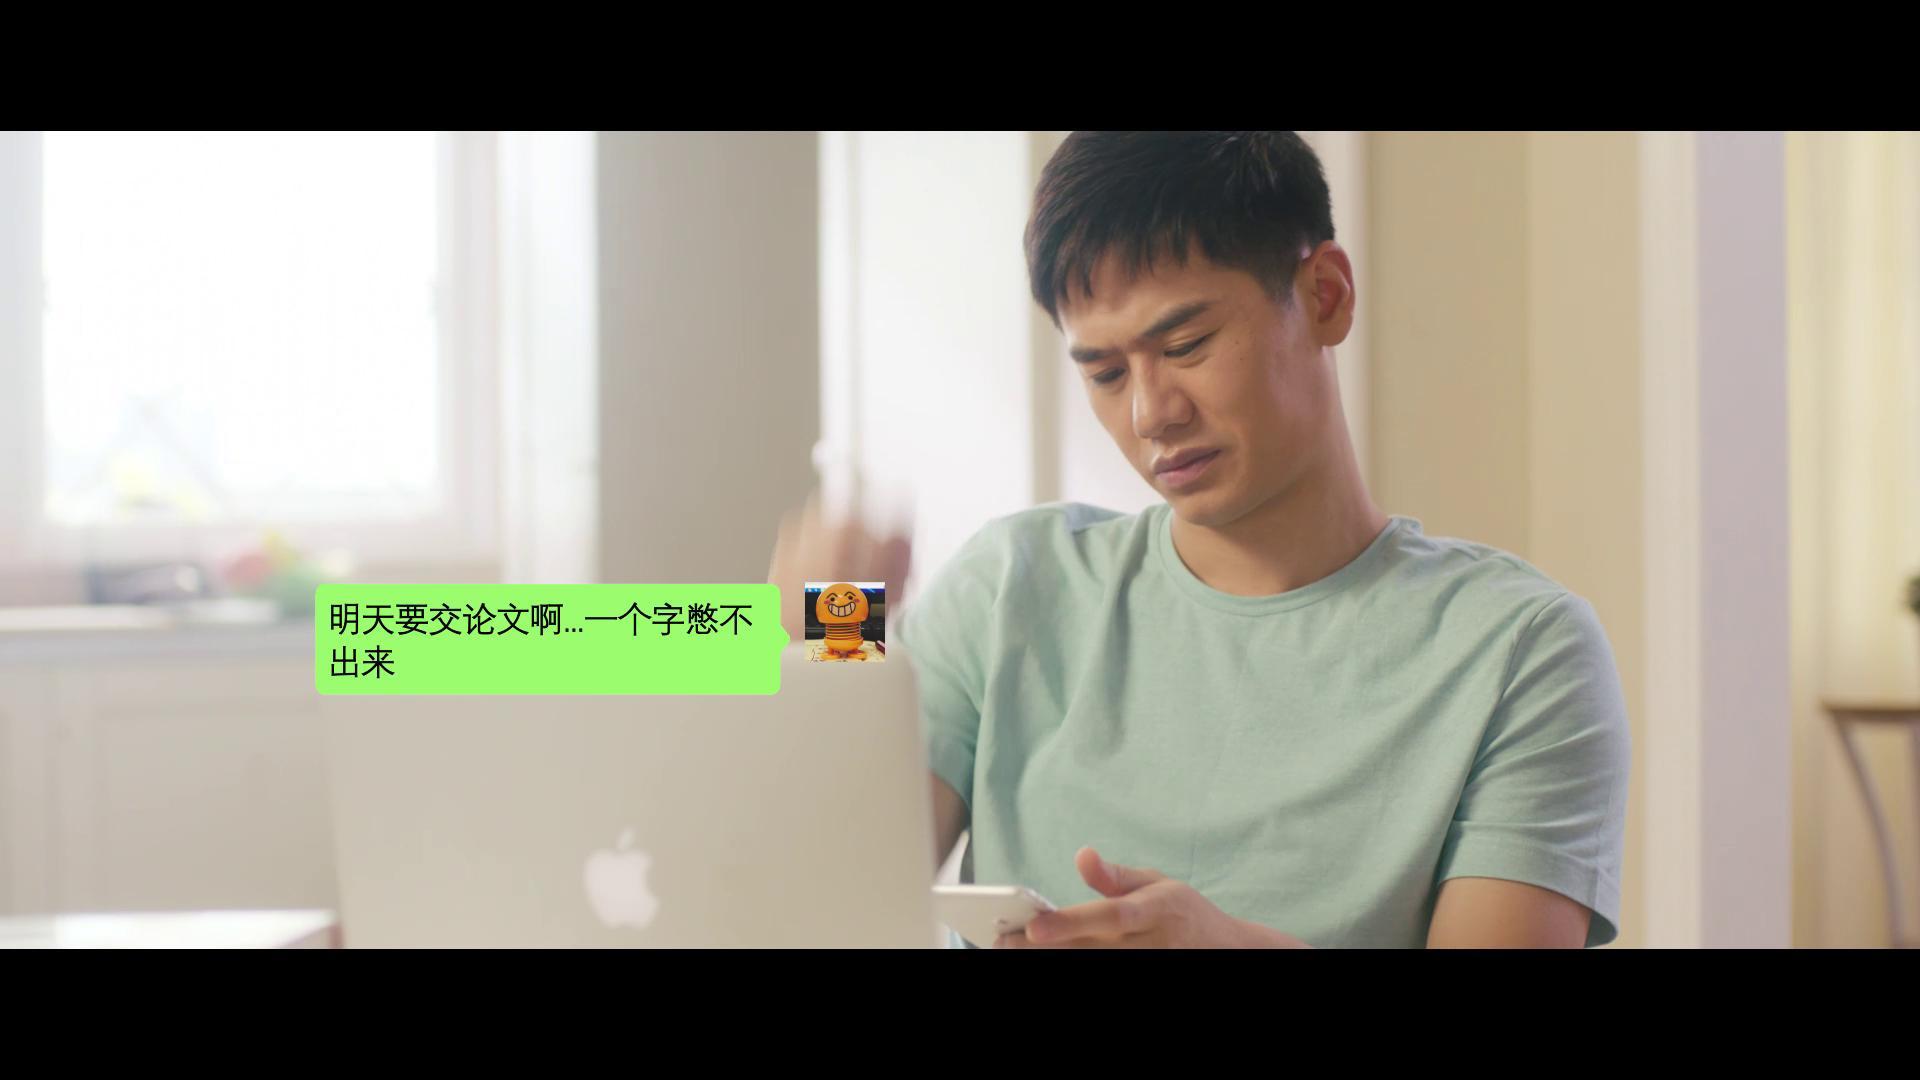 广东省版权保护公益宣传片